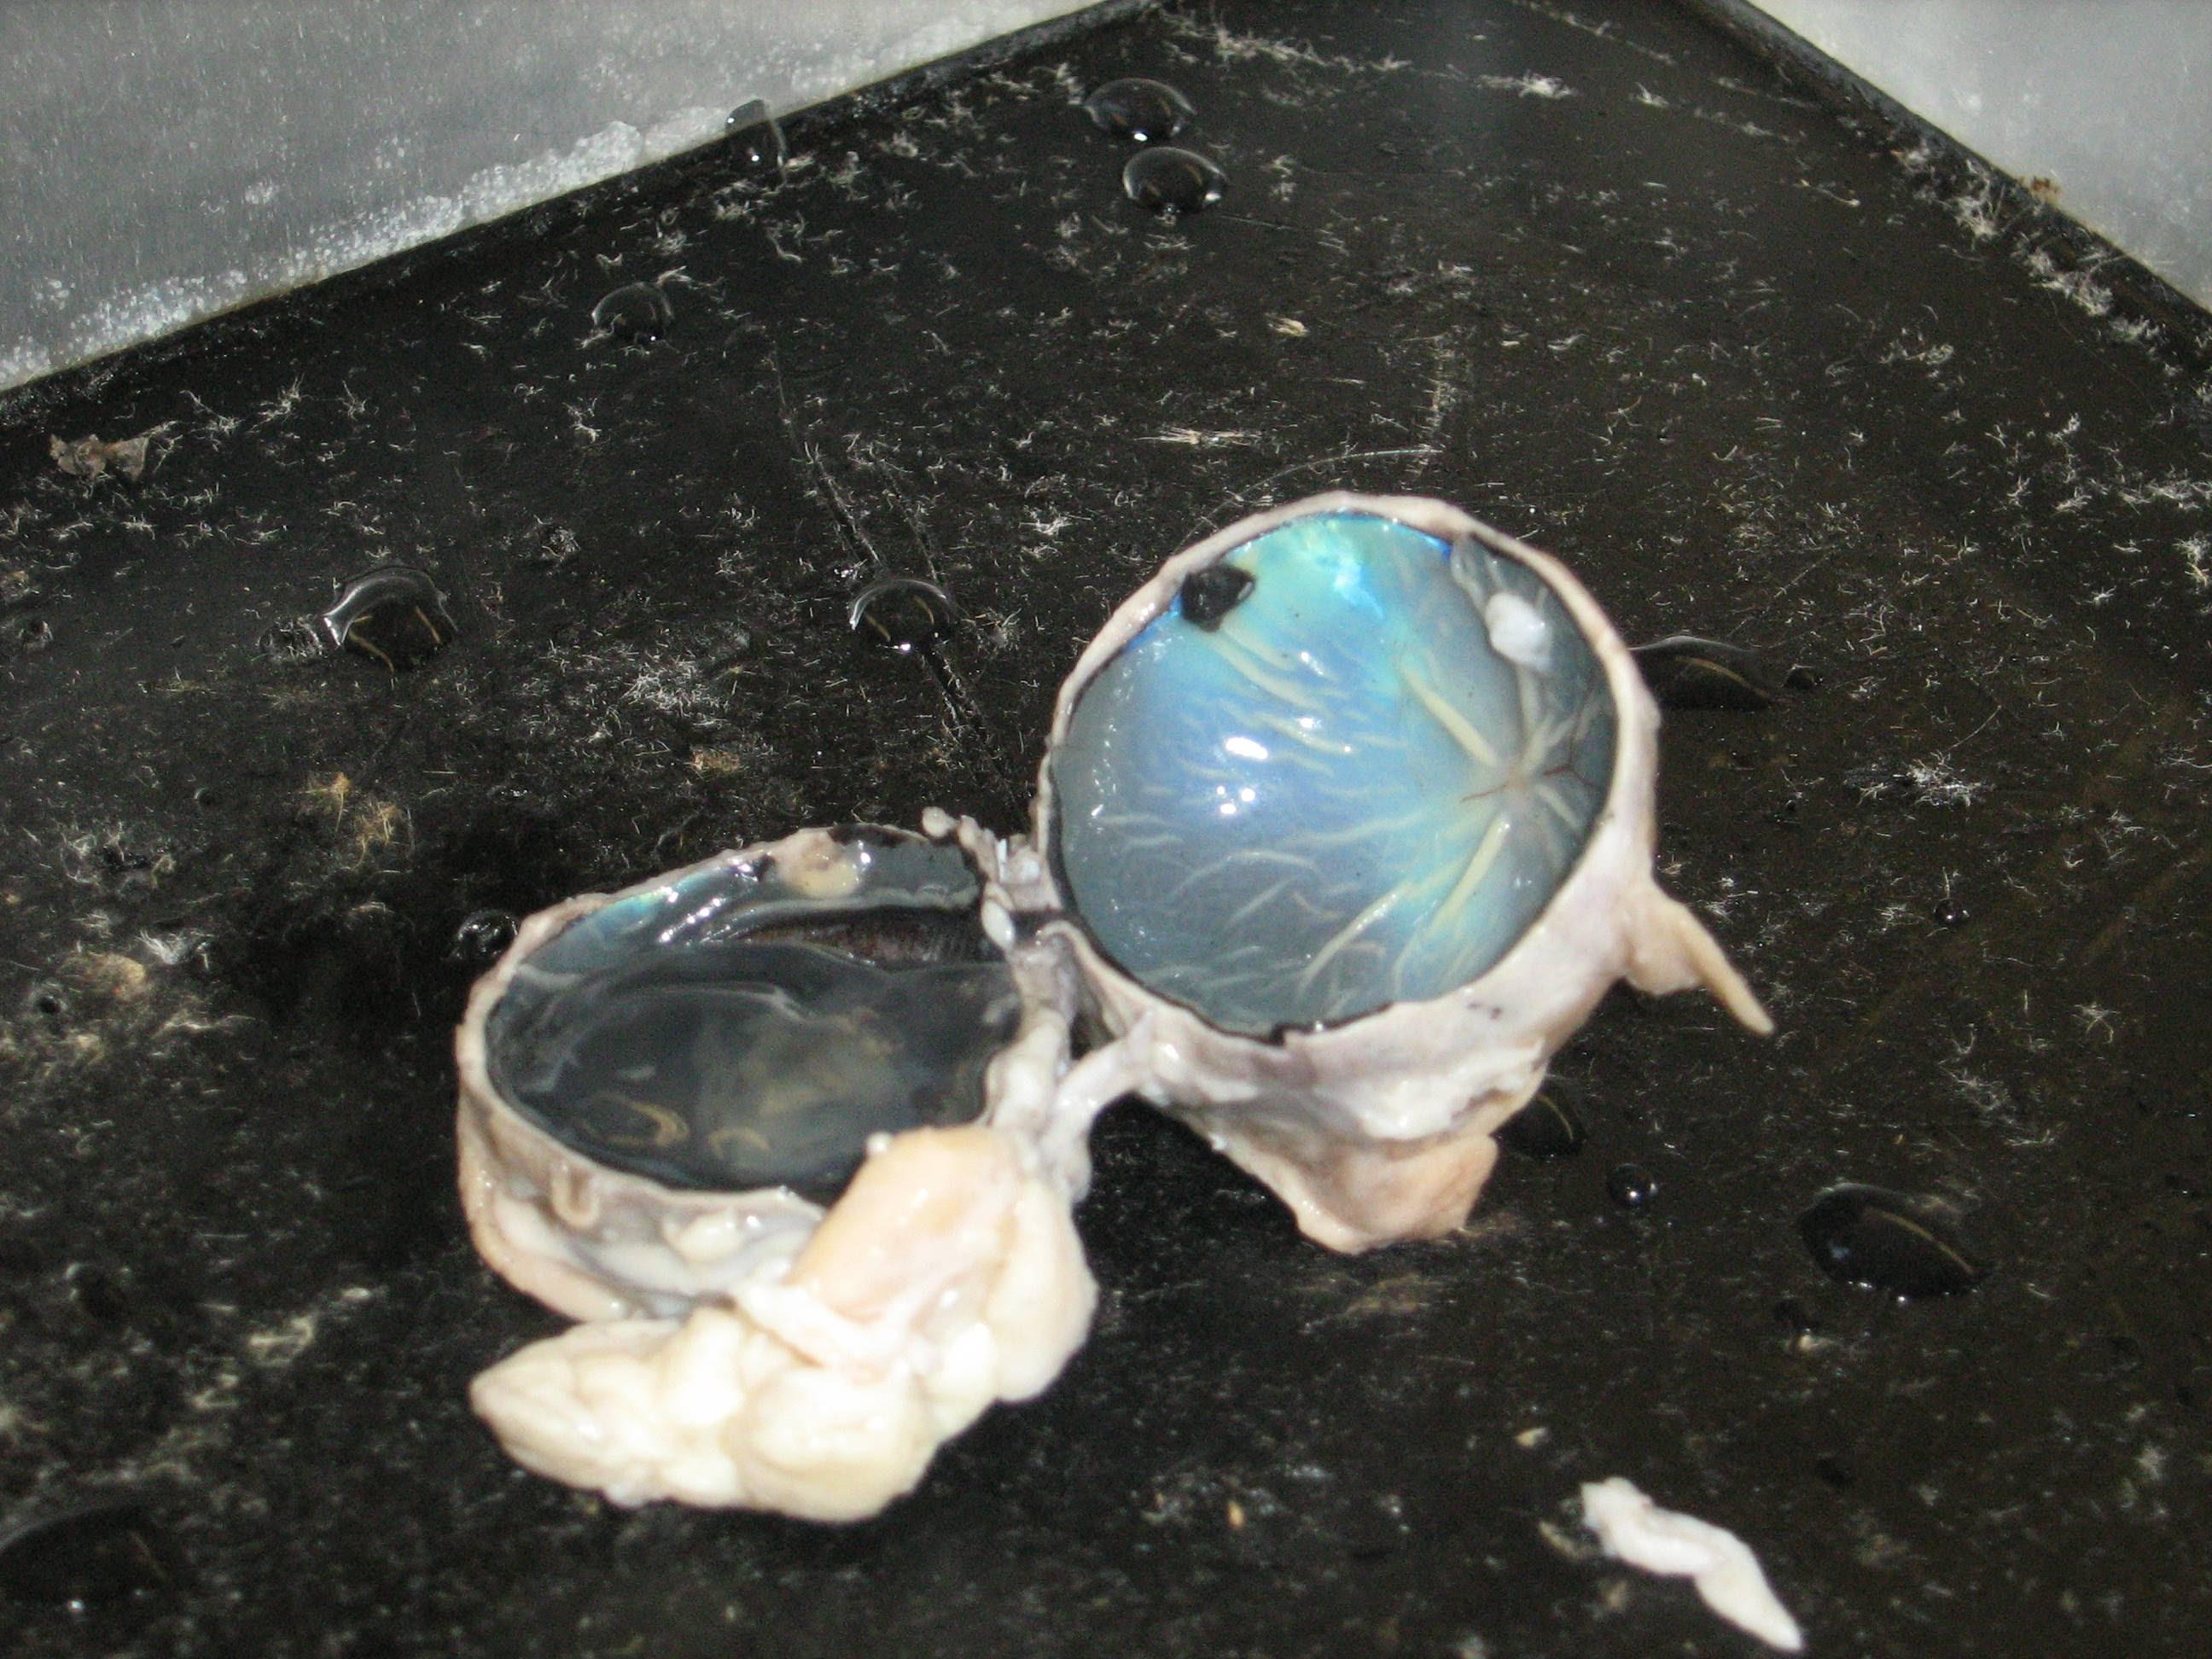 eyeballdissection - redwoods81